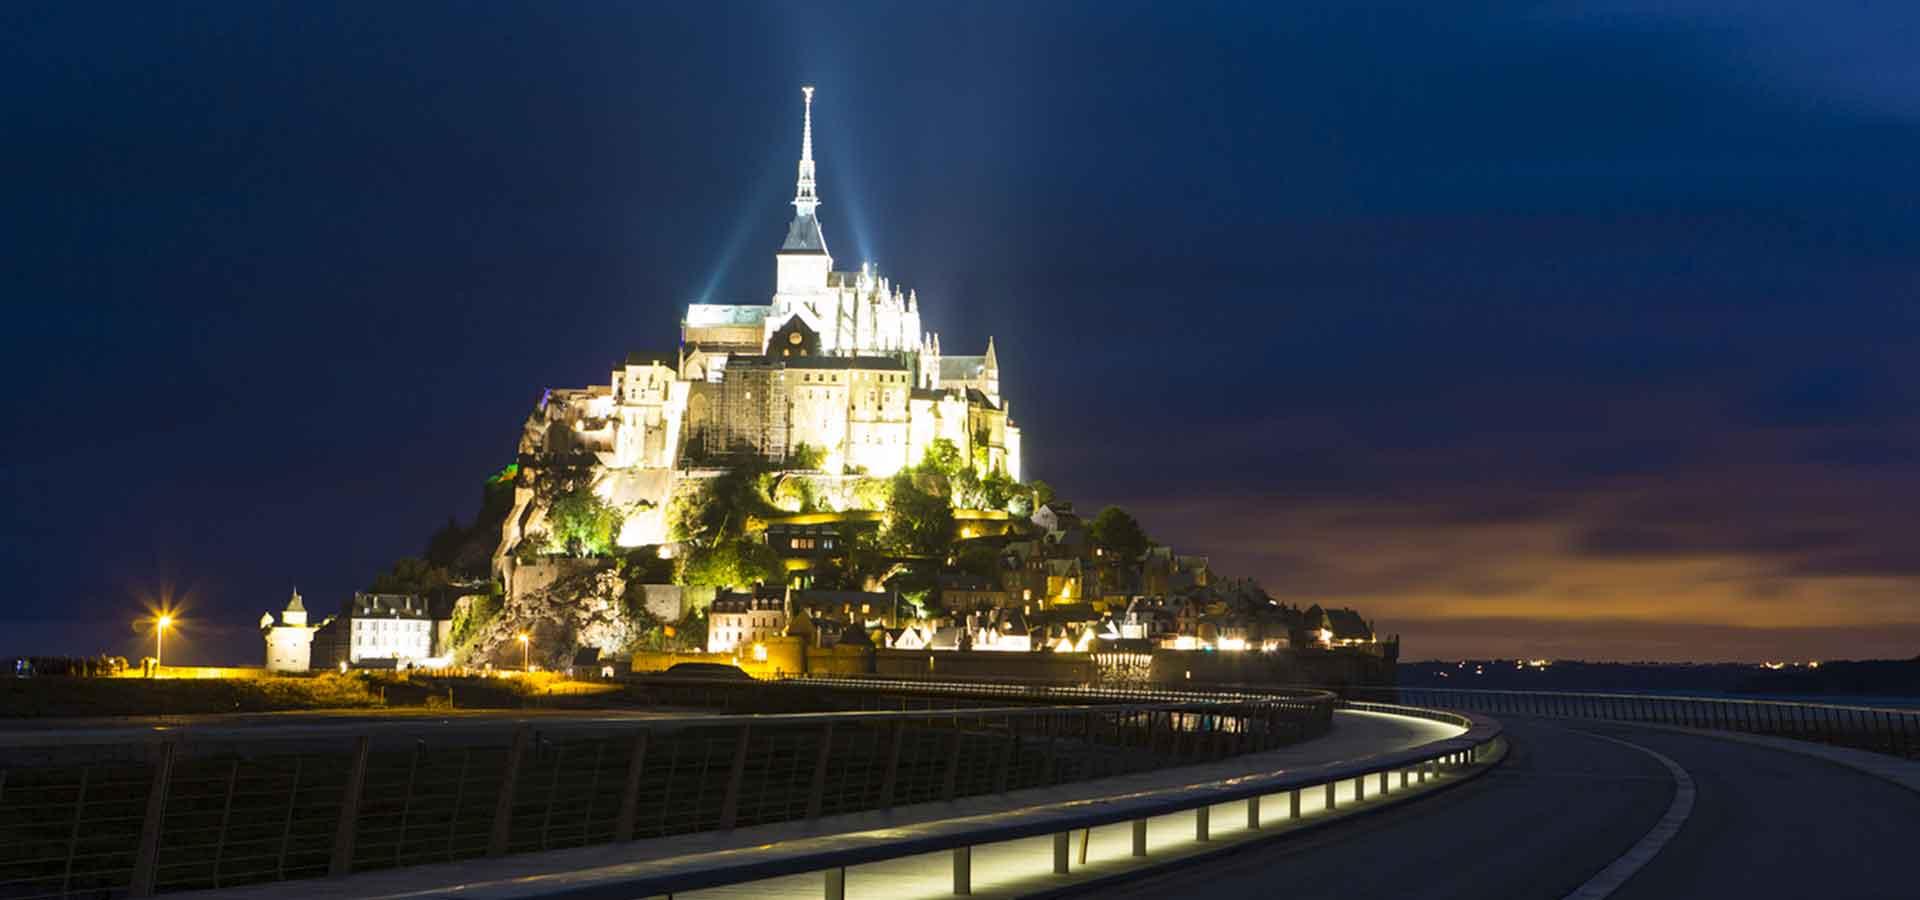 Vos réunions professionnelles et séminaires à proximité du Mont Saint-Michel